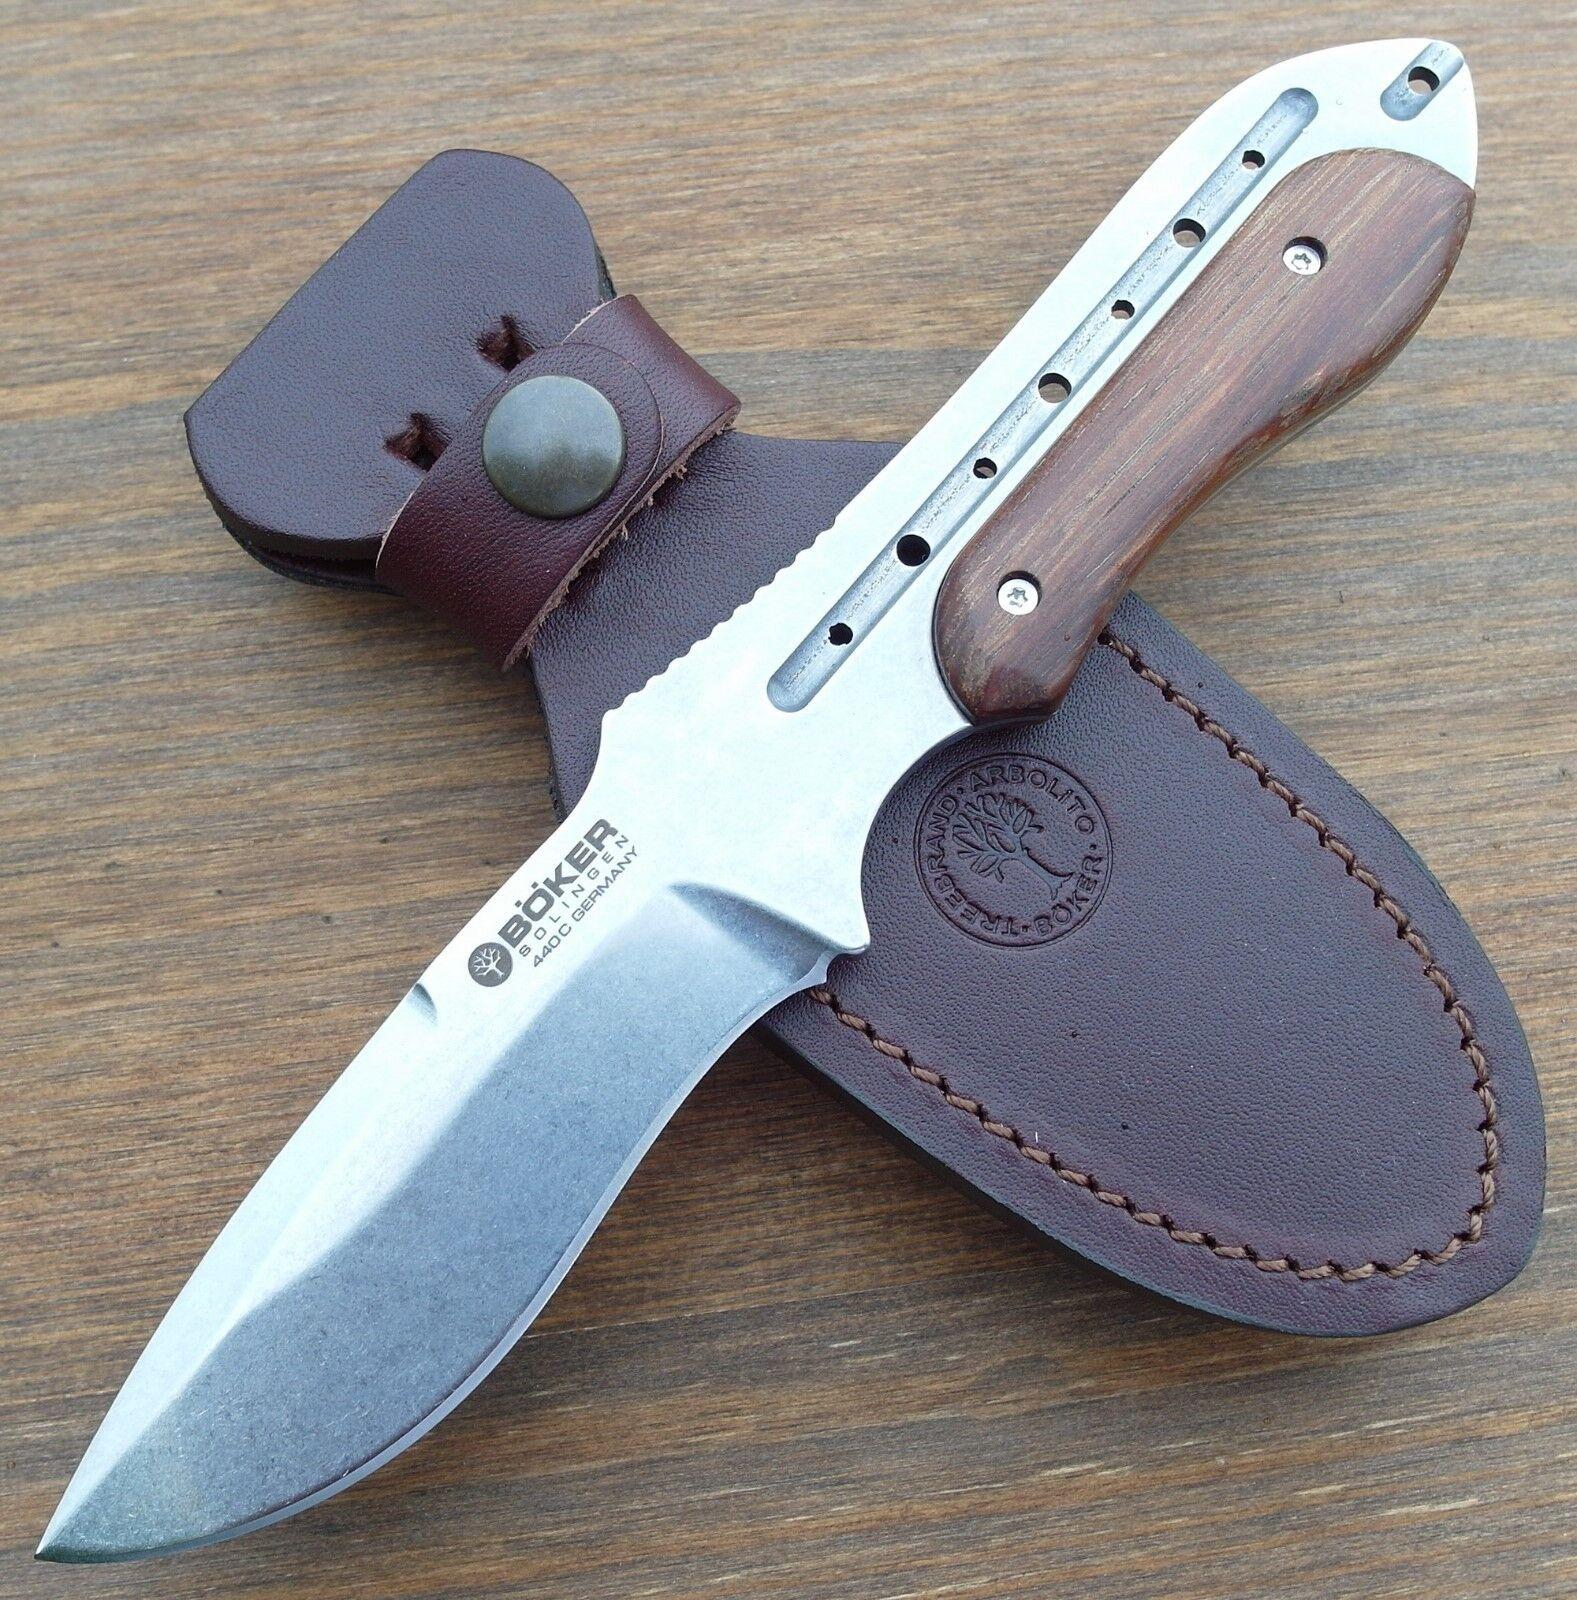 BÖKER - - - Mach 2 Wüsteneisenholz Messer Jagdmesser - Gürtelmesser + Lederscheide 2389fc